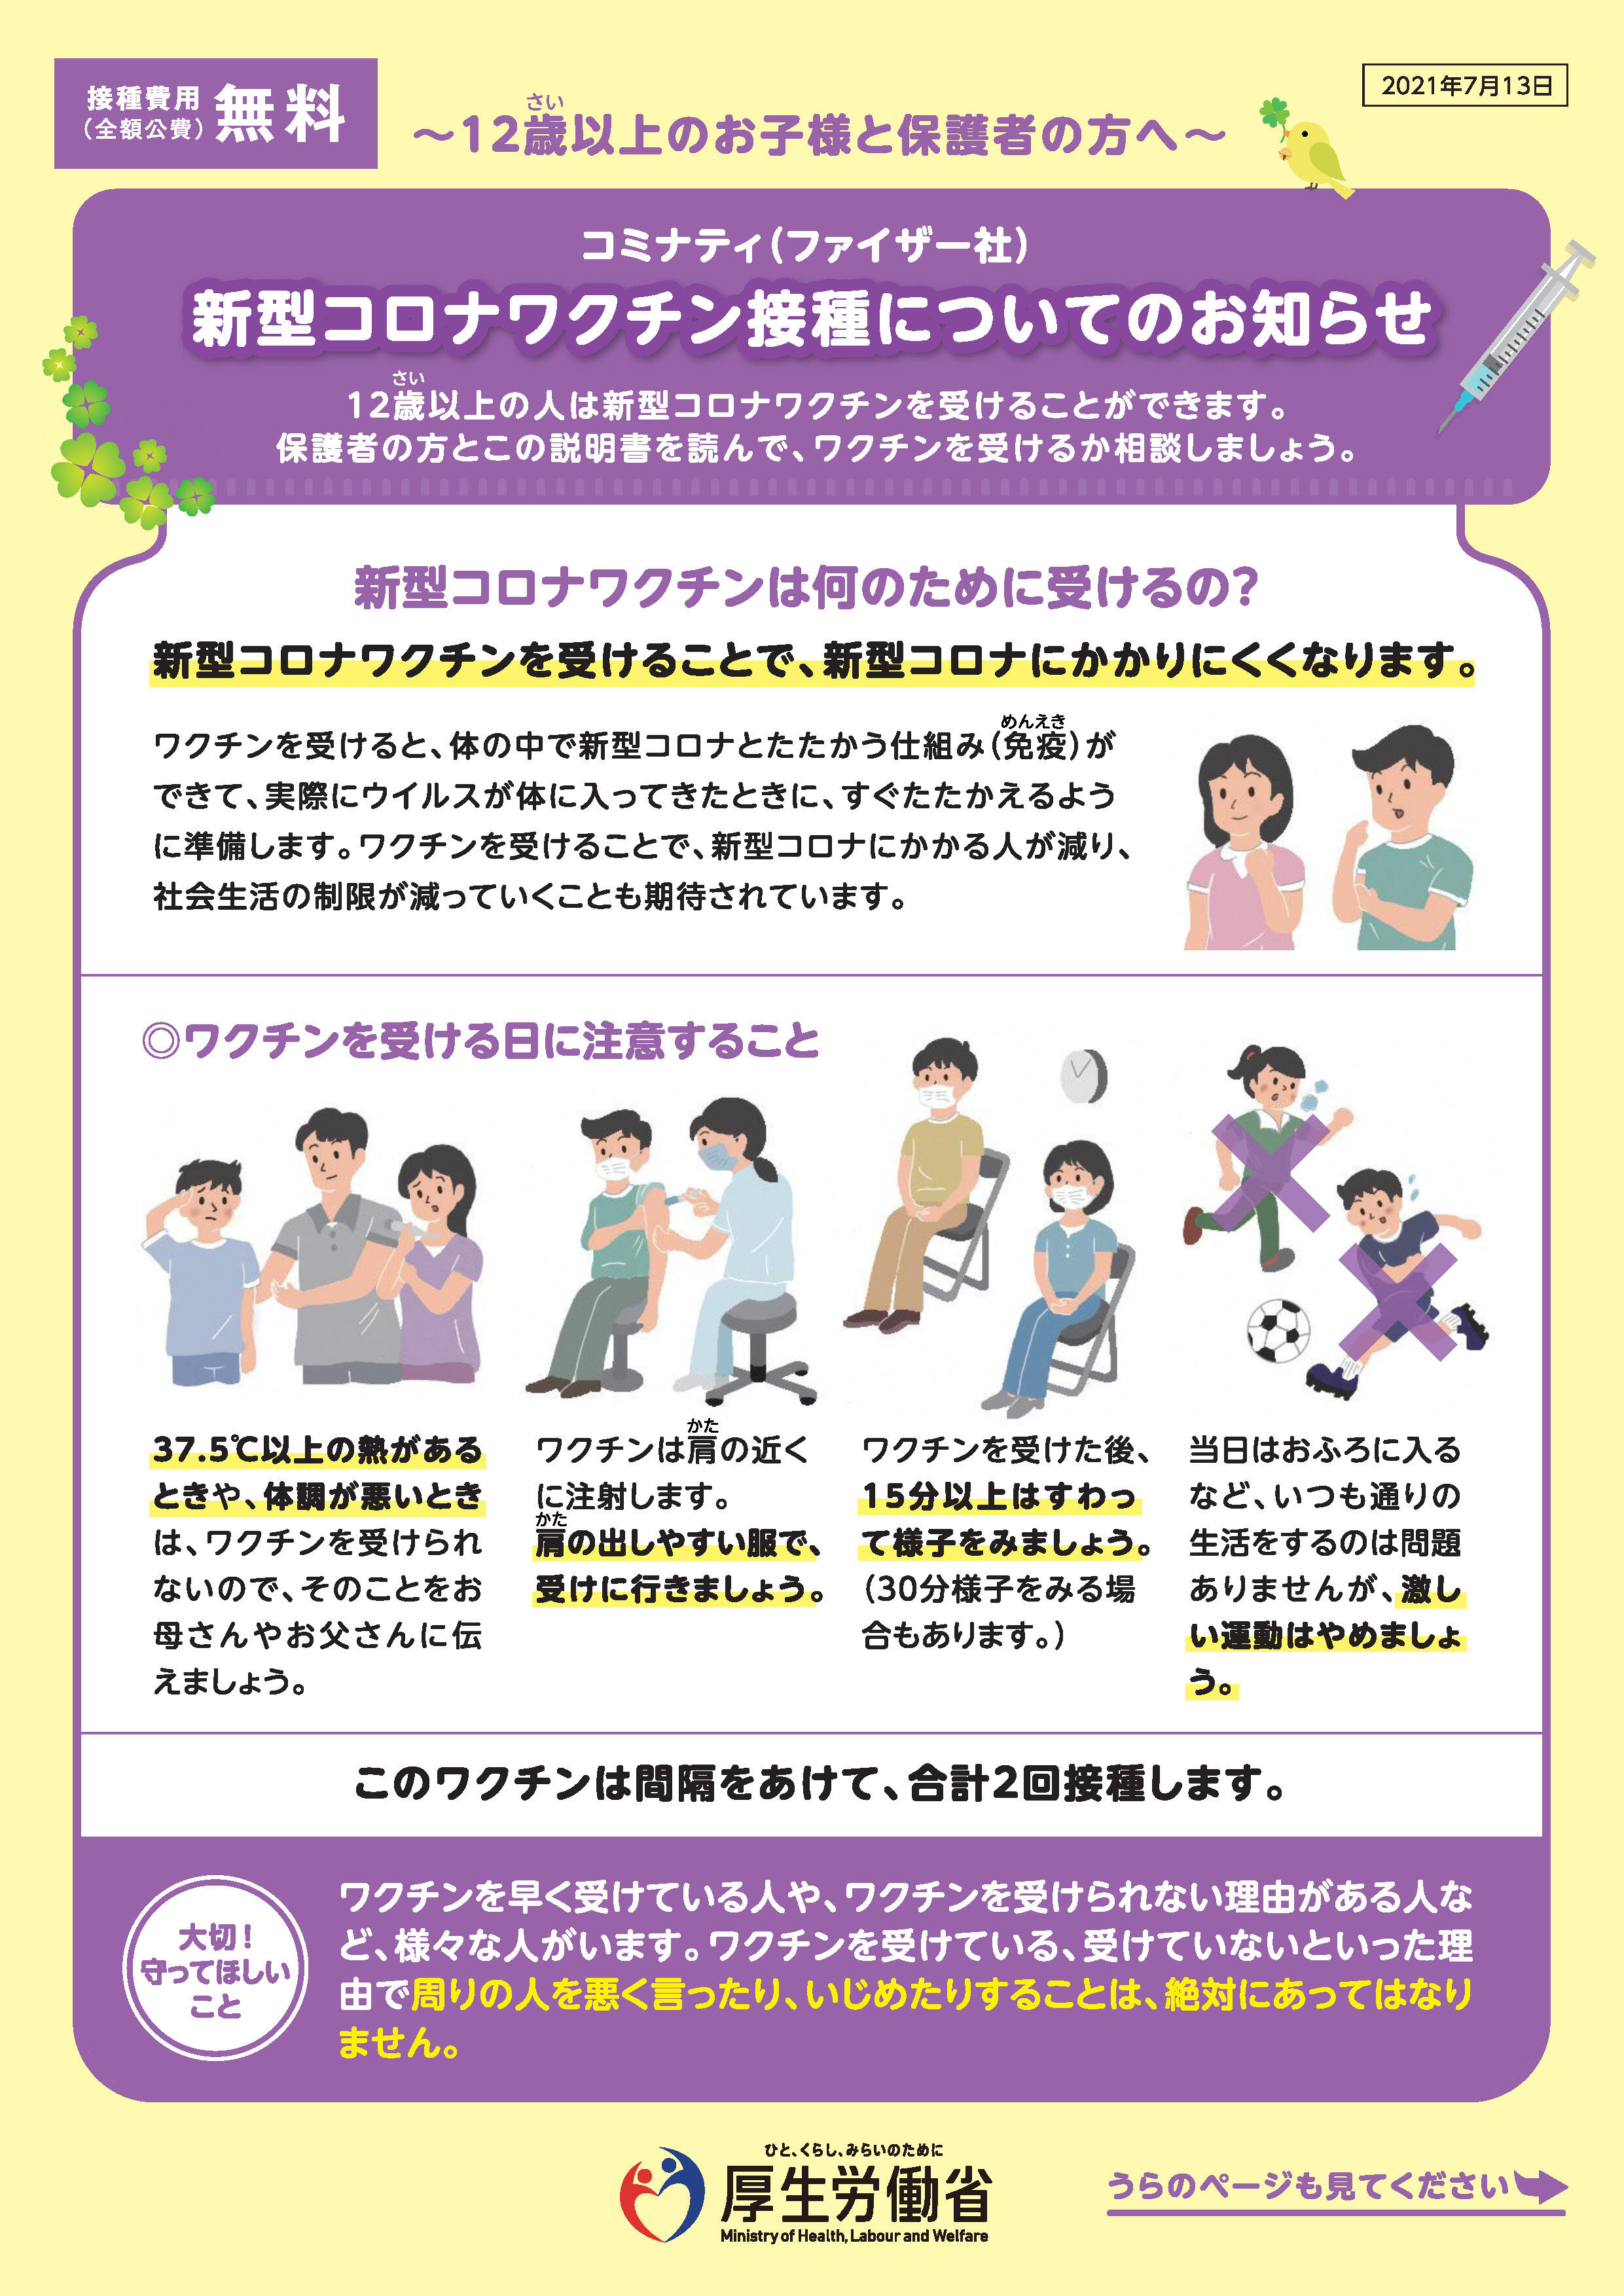 kosei_vaccinesessyu01.jpg